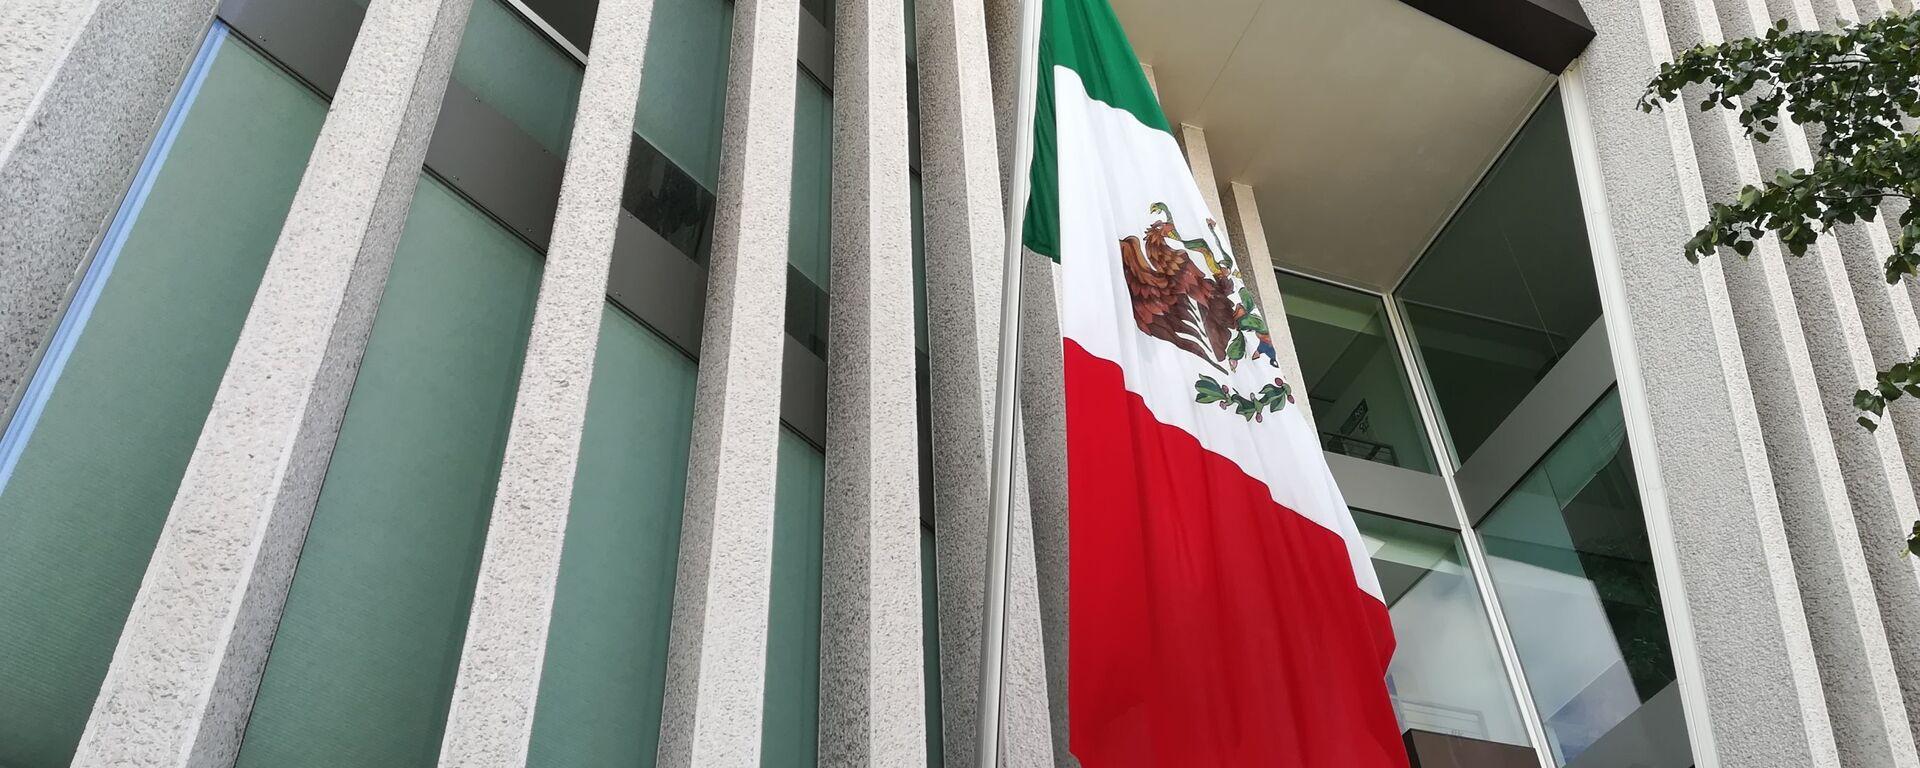 Bandera de México - Sputnik Mundo, 1920, 12.05.2021